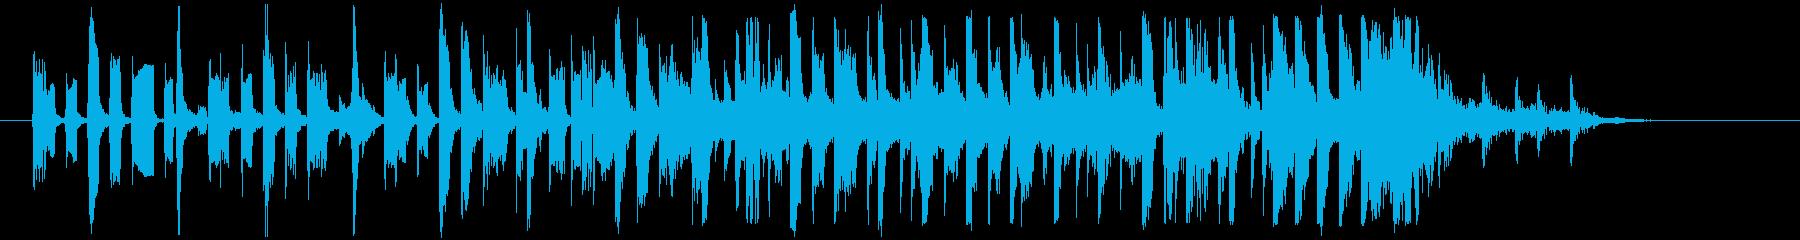 深夜のラジオで流れてきそうなジングルの再生済みの波形